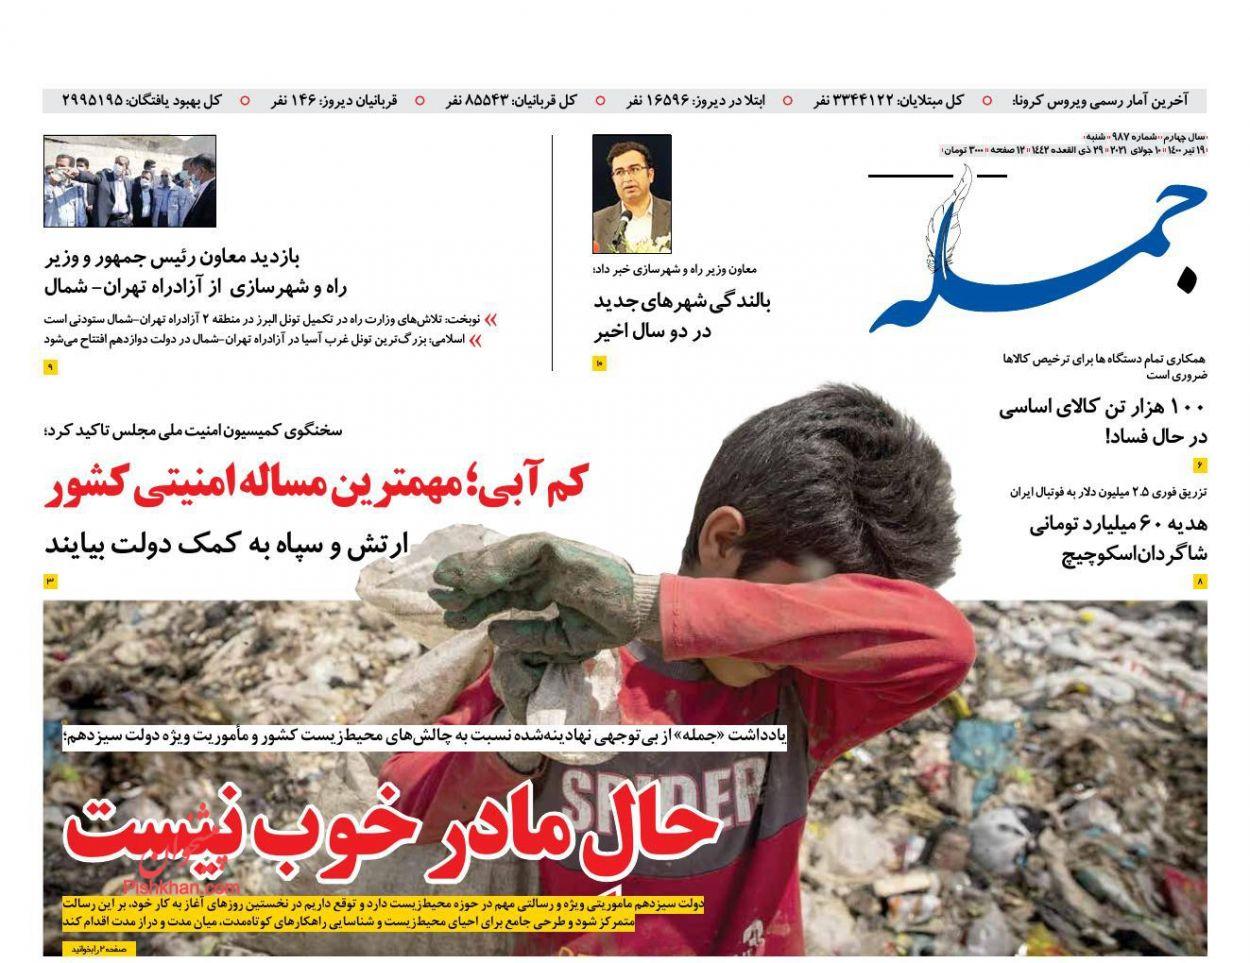 عناوین اخبار روزنامه جمله در روز شنبه ۱۹ تیر